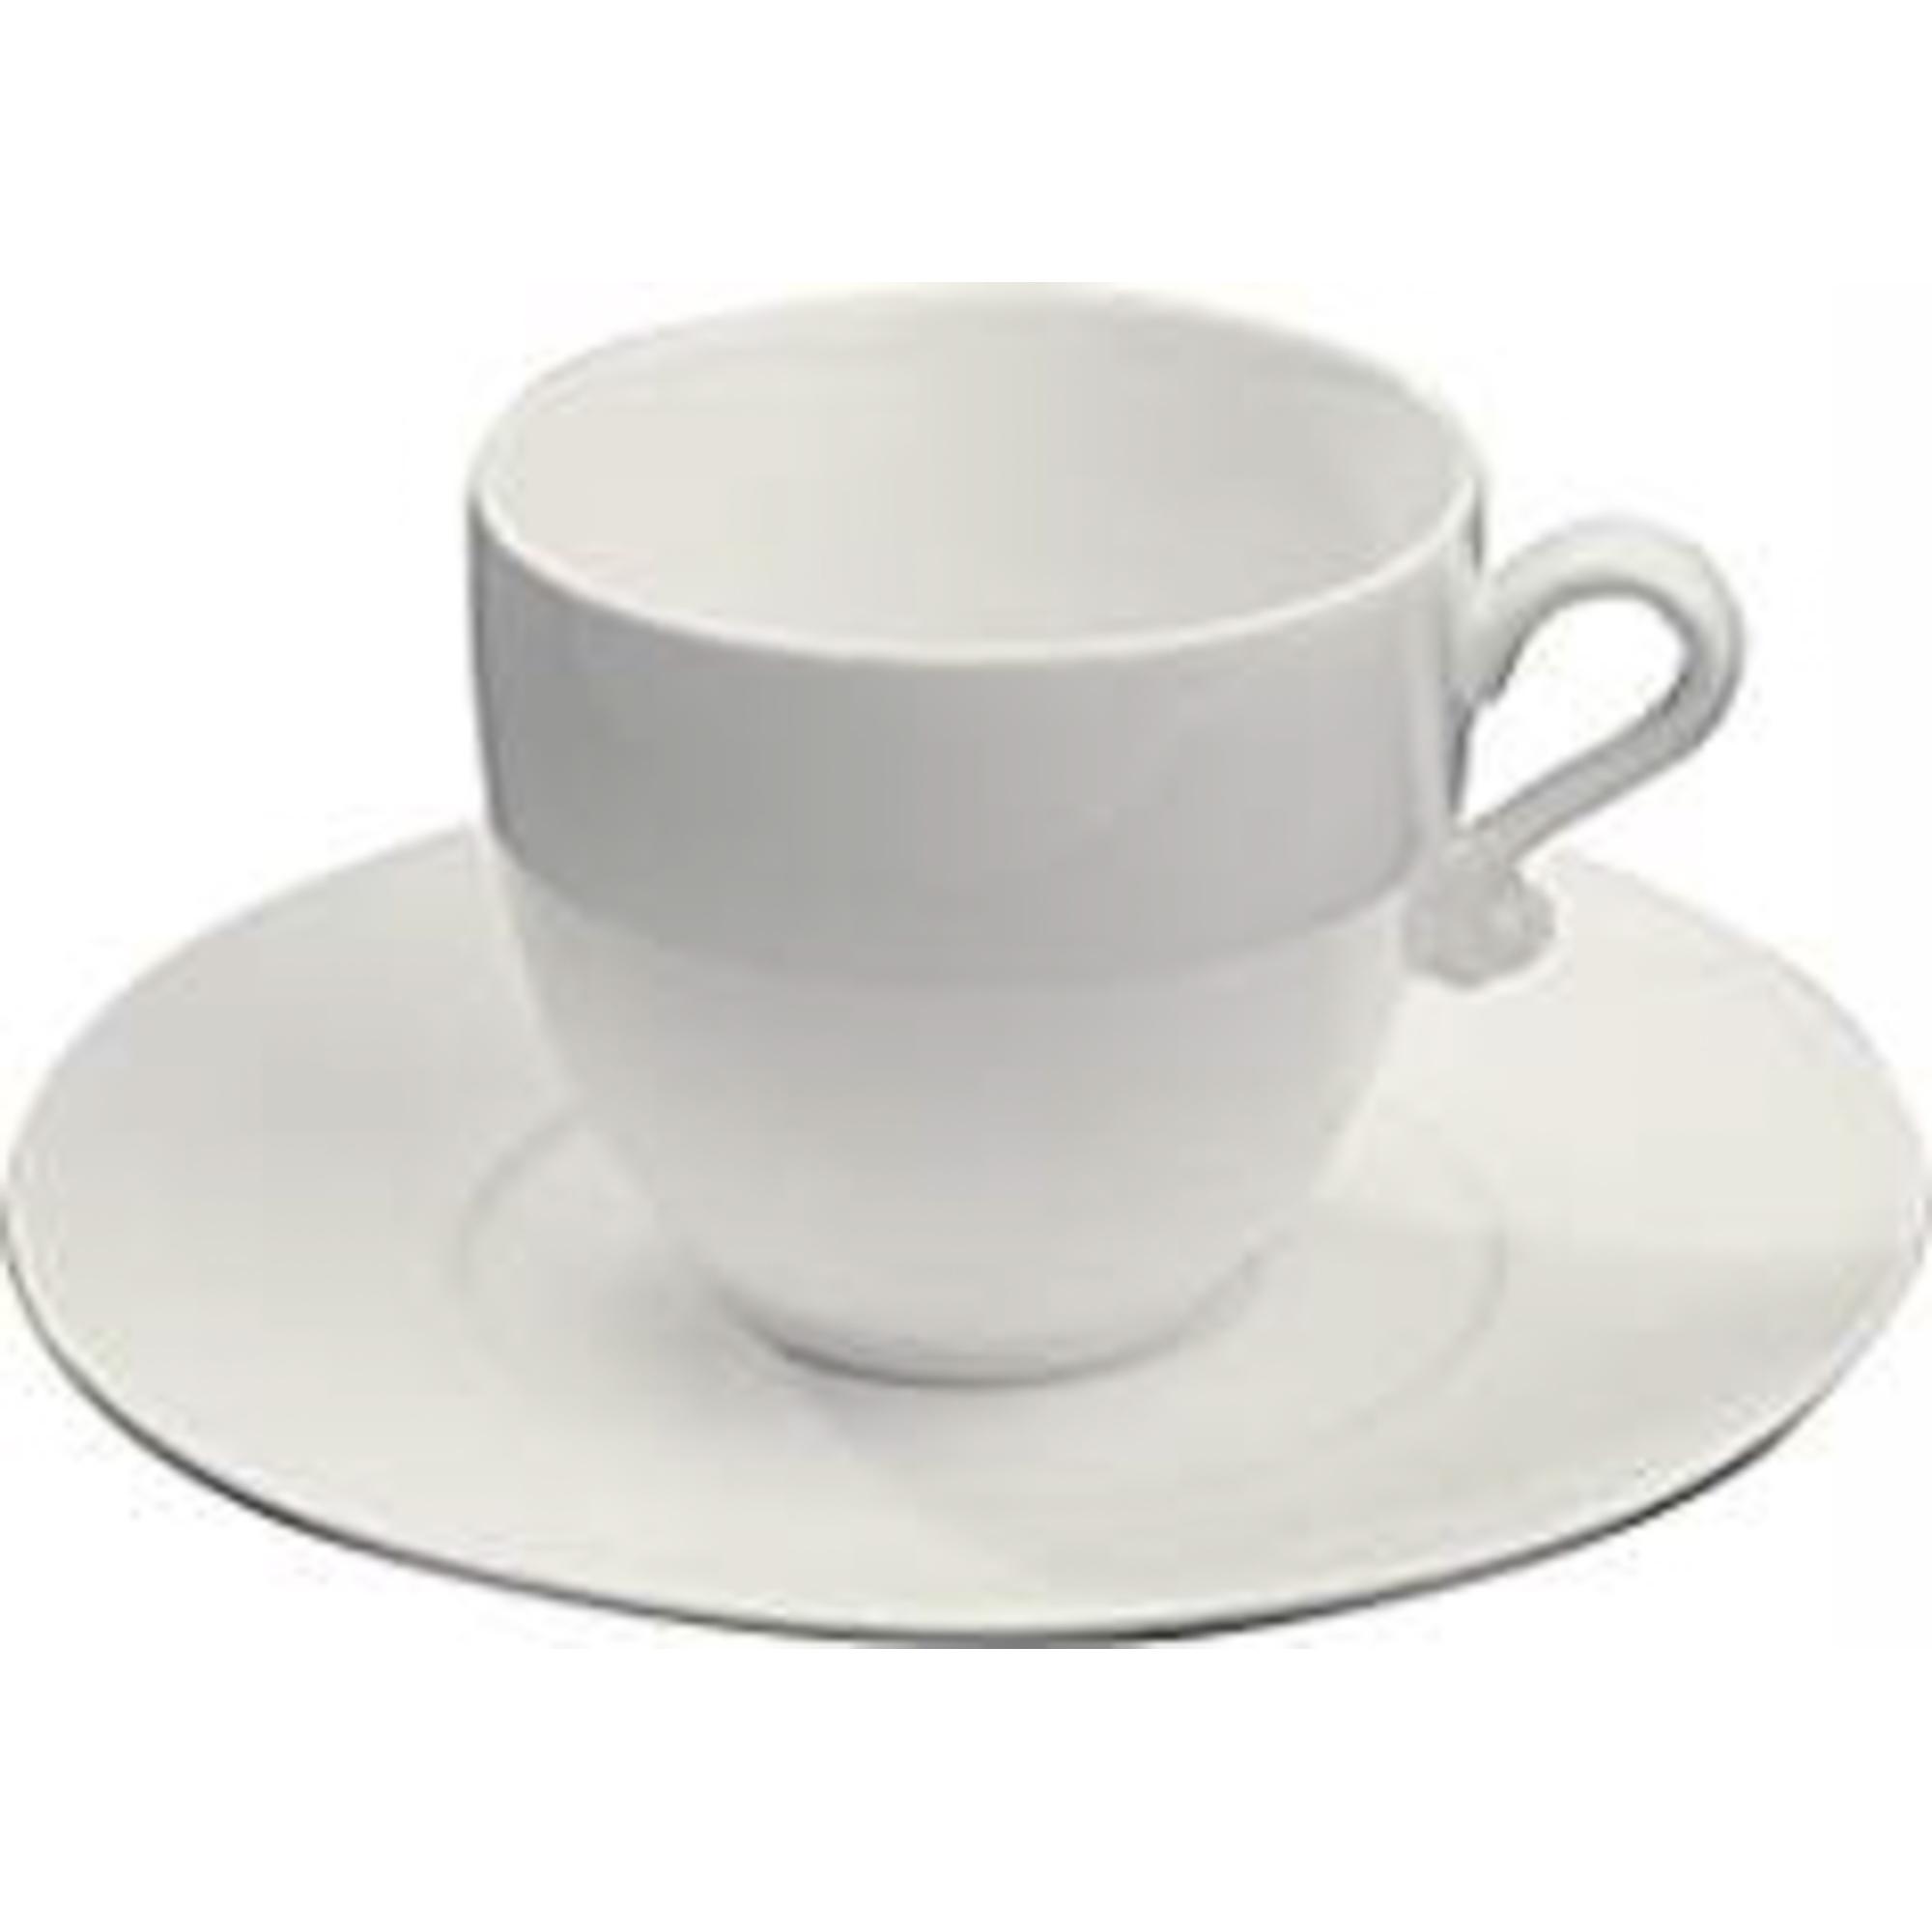 Набор кофейный Deagourmet trame 4 предмета 2 персоны (165)